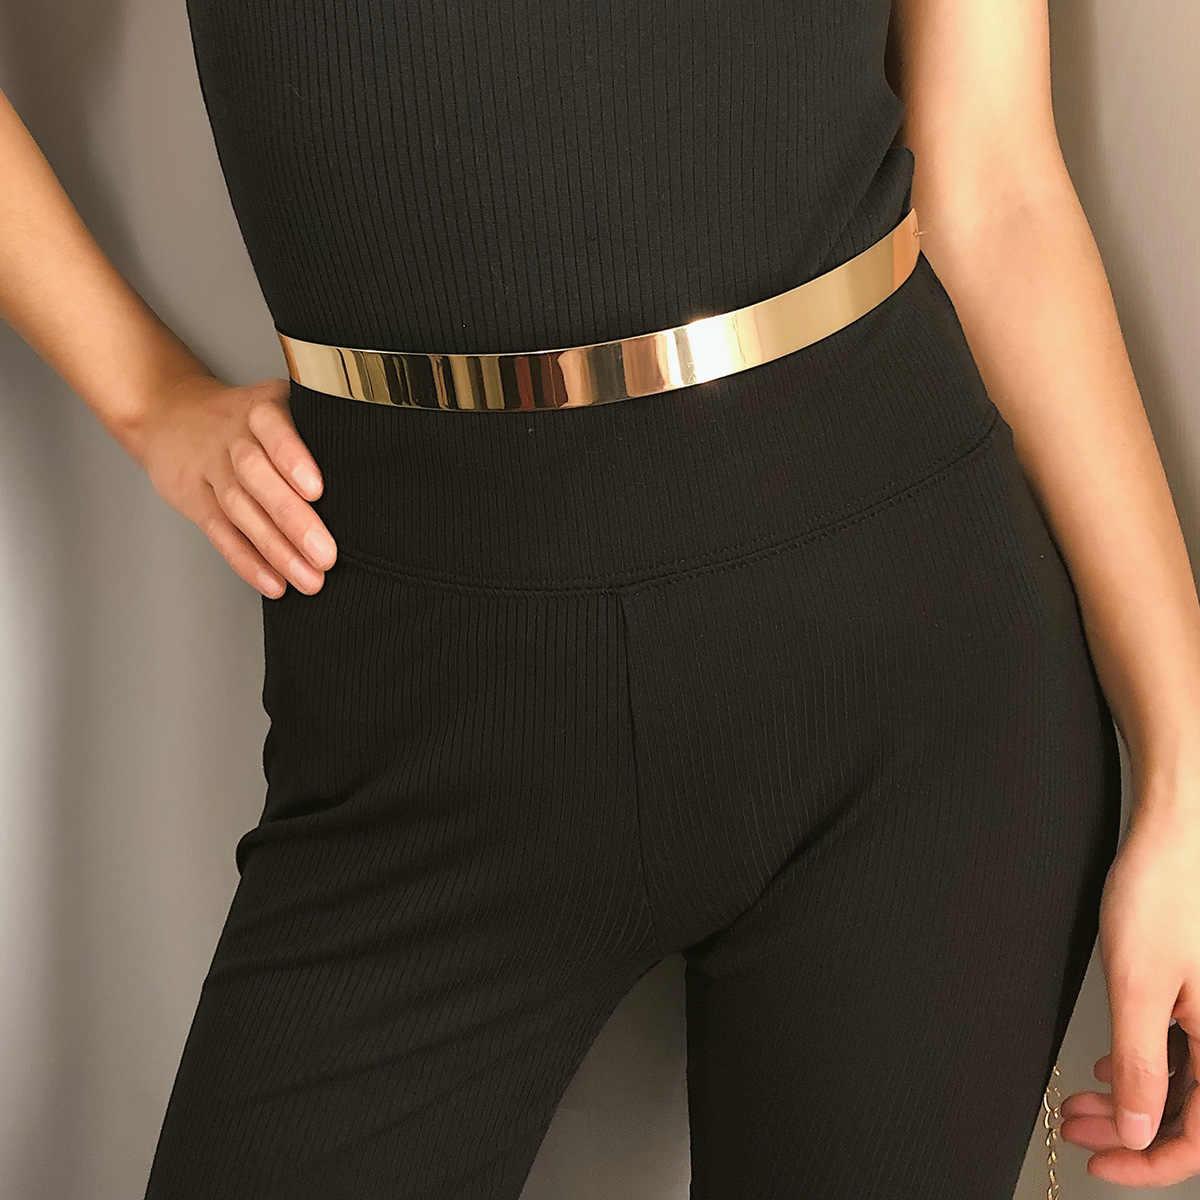 Youvanic gładka elastyczna złota Plateed metalowa talia Tassel lustro metaliczna sukienka Bling łańcuszek do spodni moda szeroki Obi Band 0412